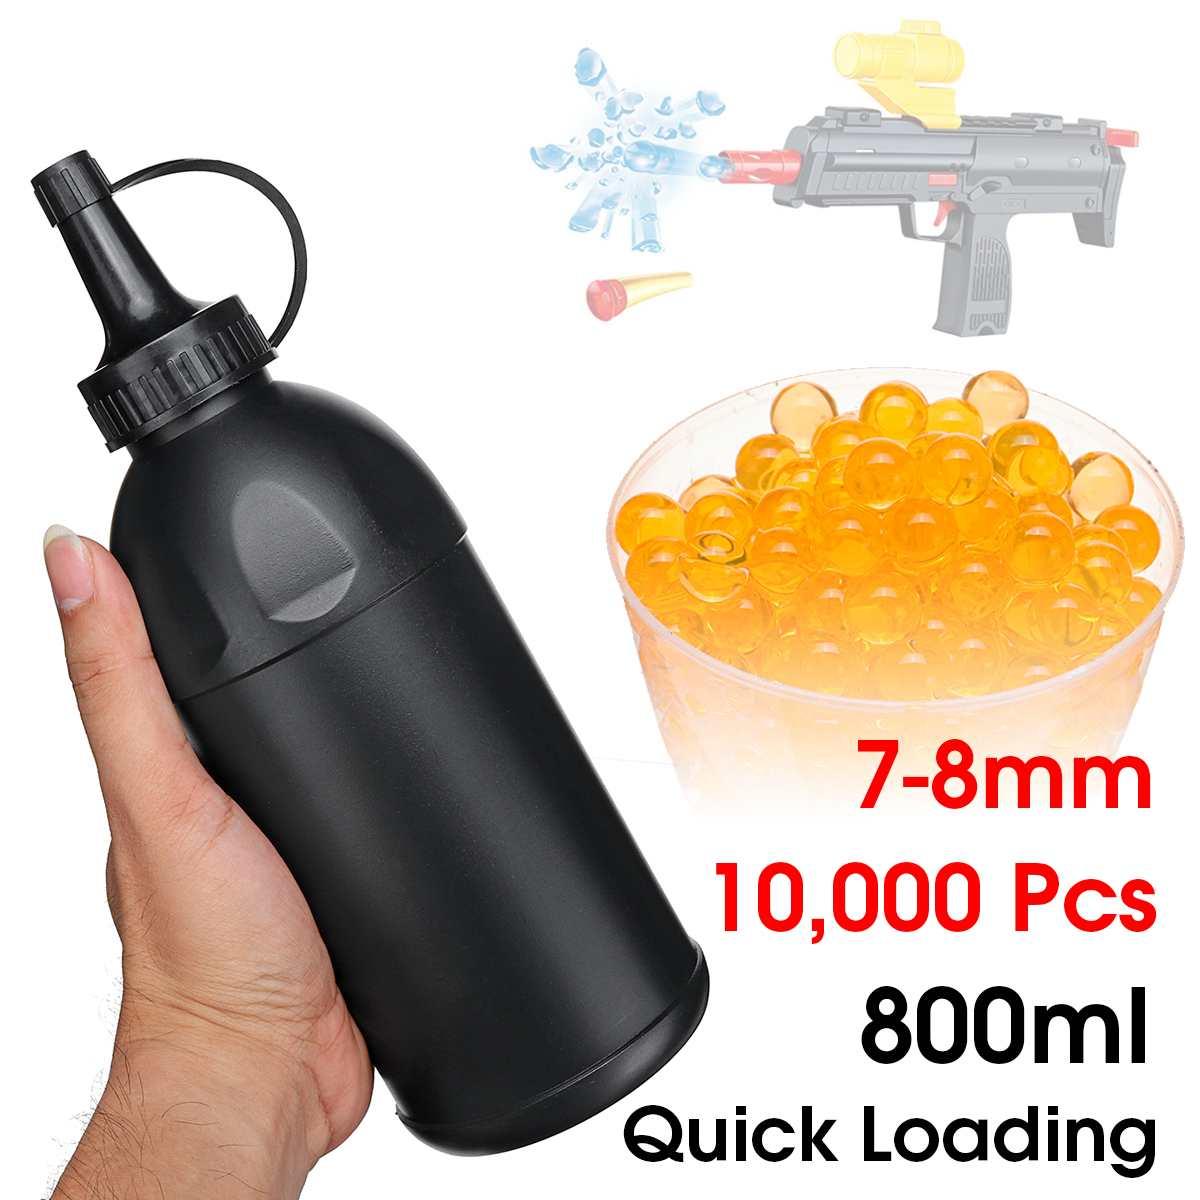 Botellas de carga de bola de Gel s de 800ml con 10000 Uds. Cuentas de municiones de 7-8mm para juego de agua, Bola de Gel, pistolas de juguete, accesorios de reemplazo Espray de agua a alta presión de 140 Bar tierra Blaster Lance Turbo boquilla para Karcher K1 K2 K3 K4 K5 K6 K7 de alta presión de lavado